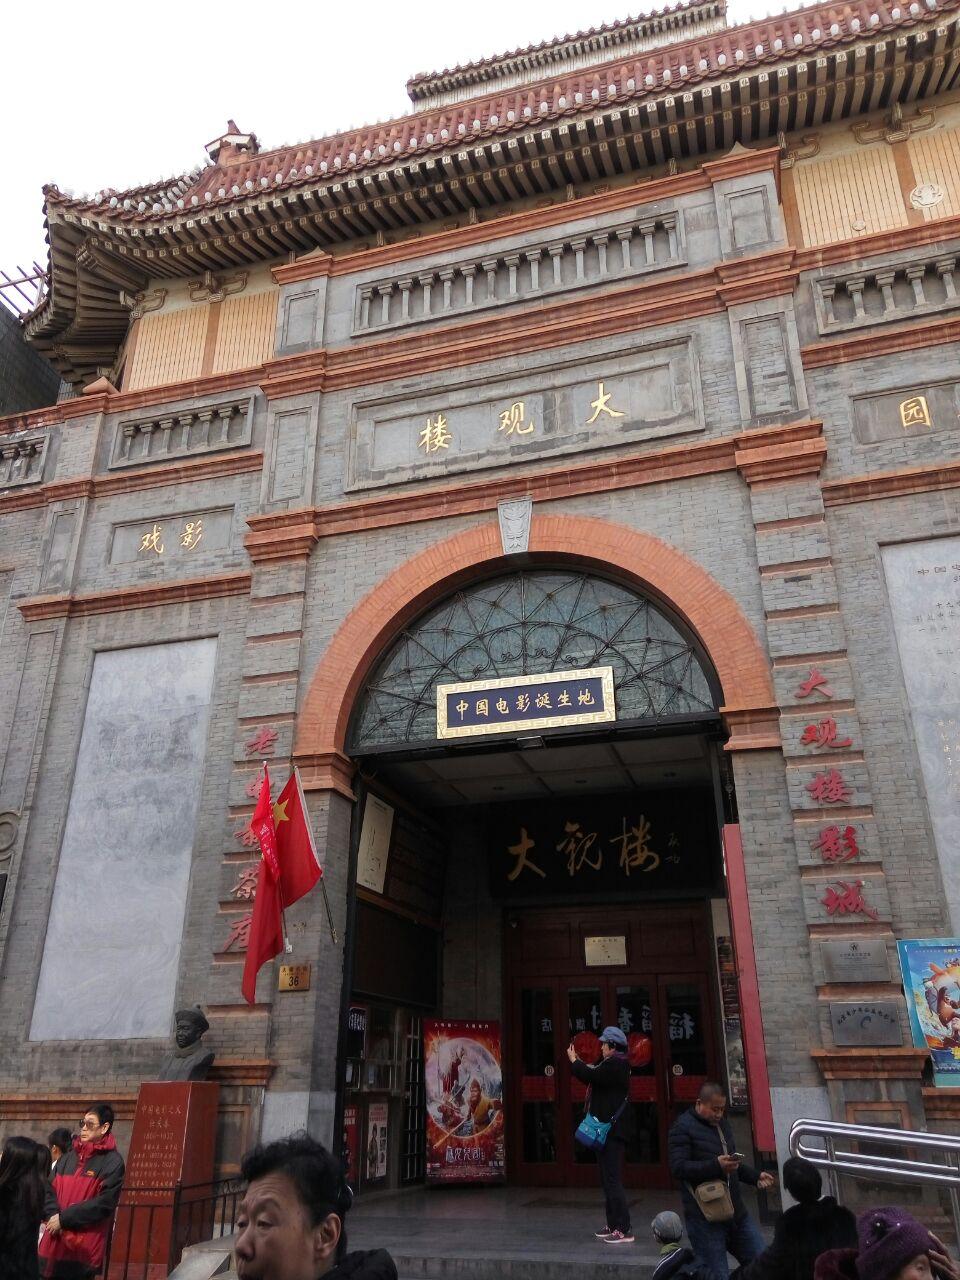 Qianmen Street | Tickets, Deals, Reviews, Family Holidays - Trip com